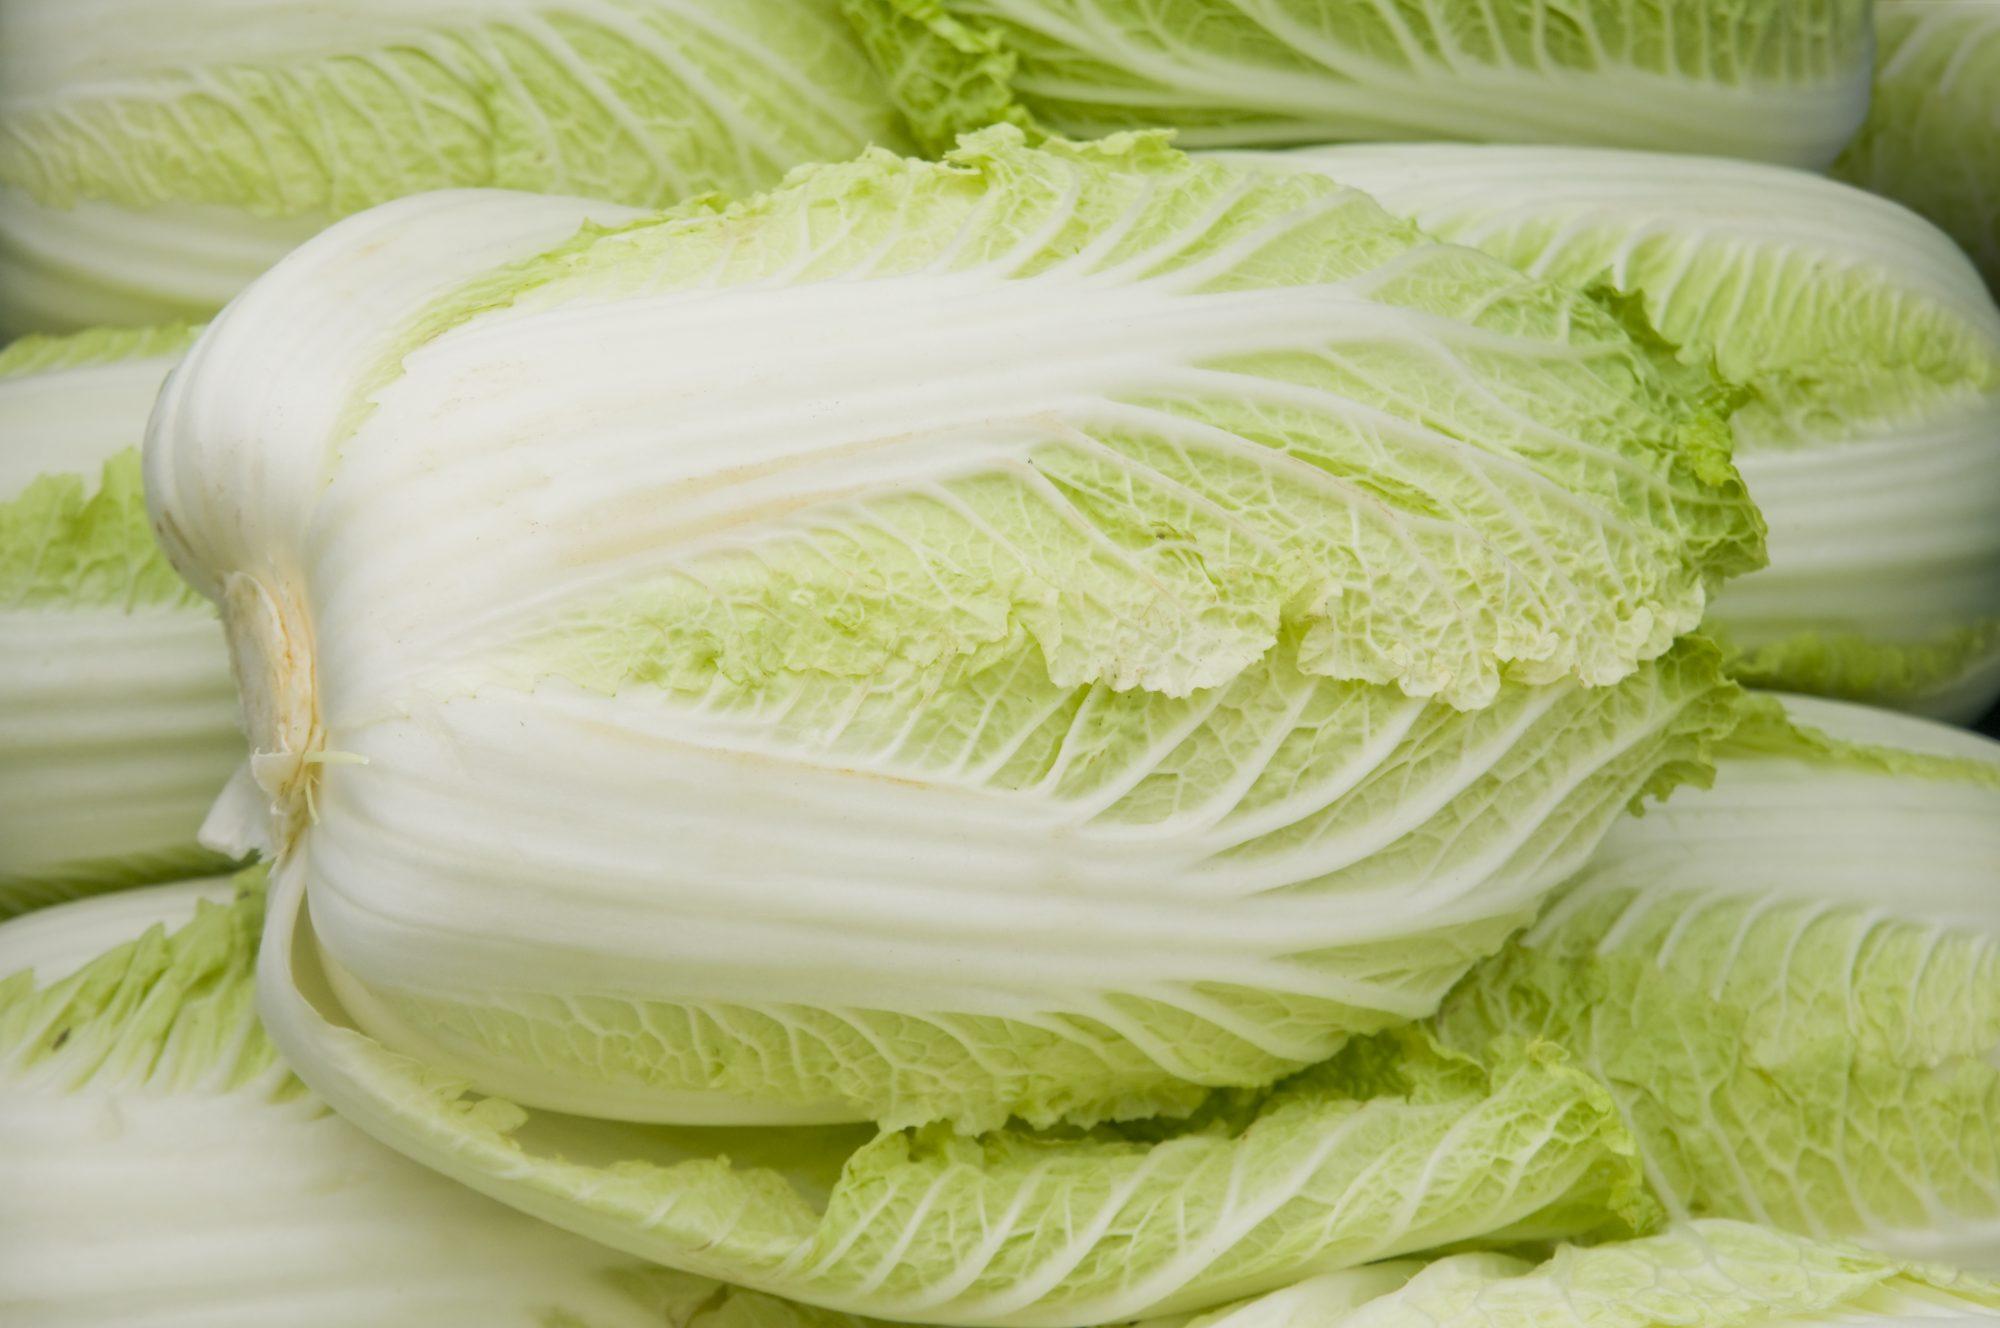 Napa Cabbage Getty 12/20/19